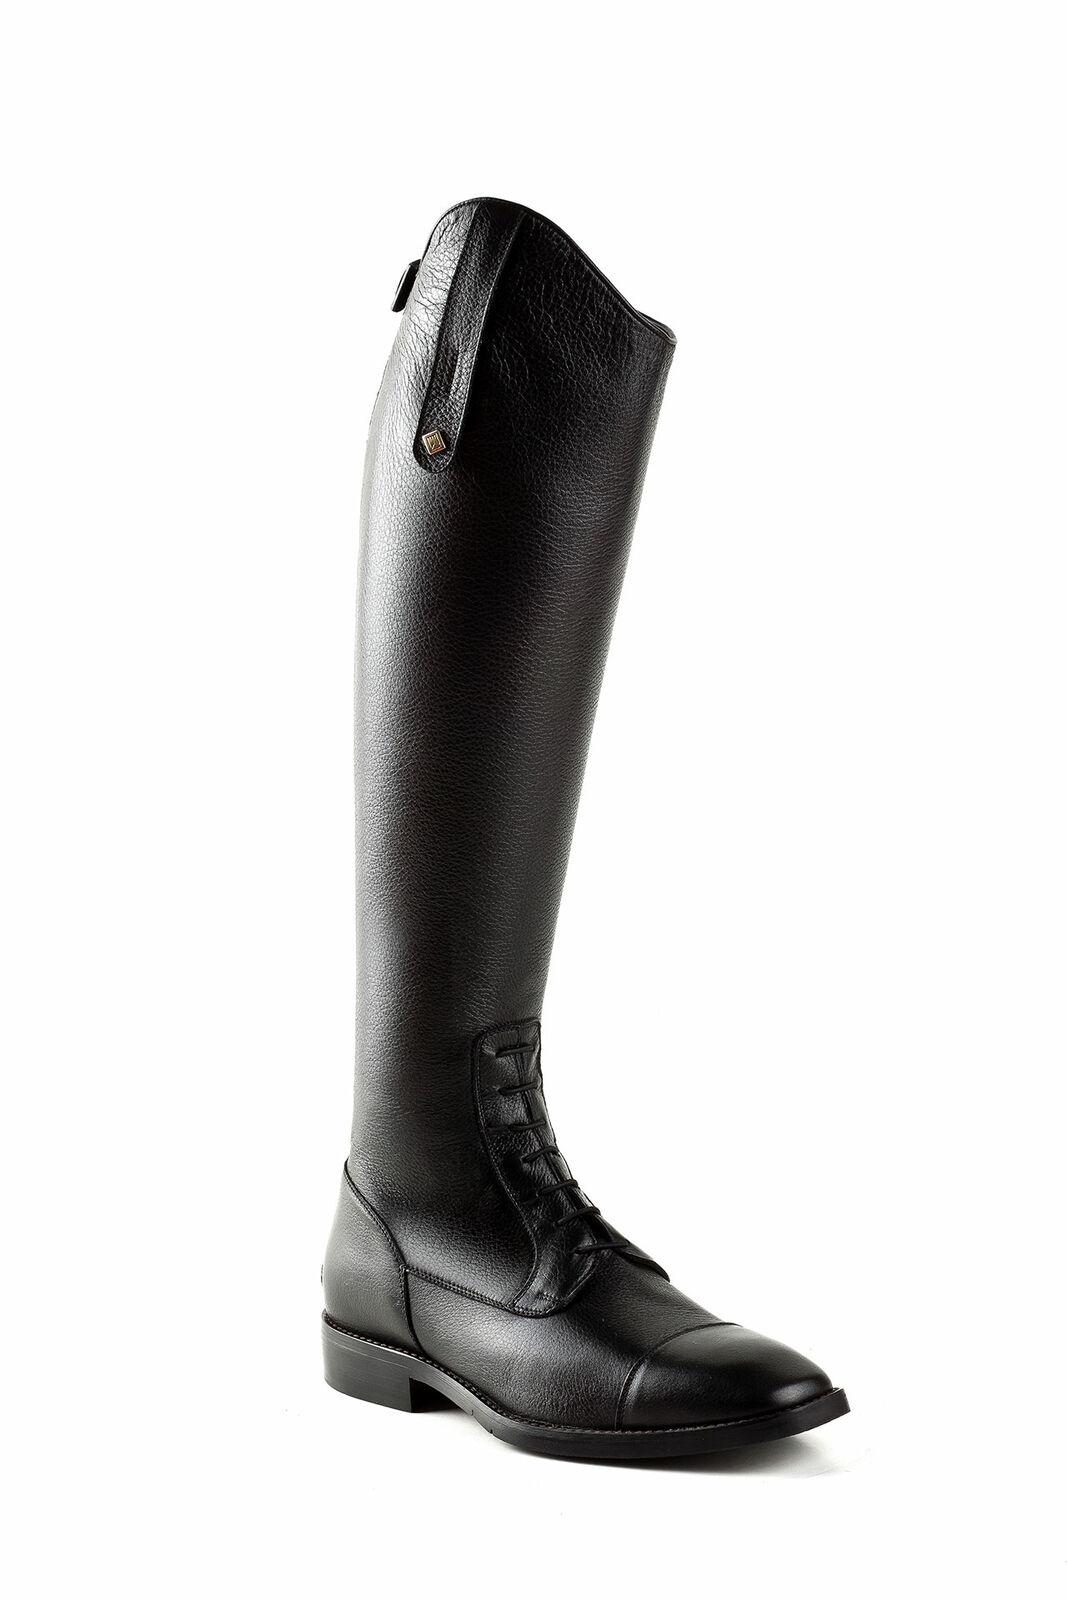 DeNiro S3312 botas  MC 37 negro XXS saltar botas soft quick  soporte minorista mayorista